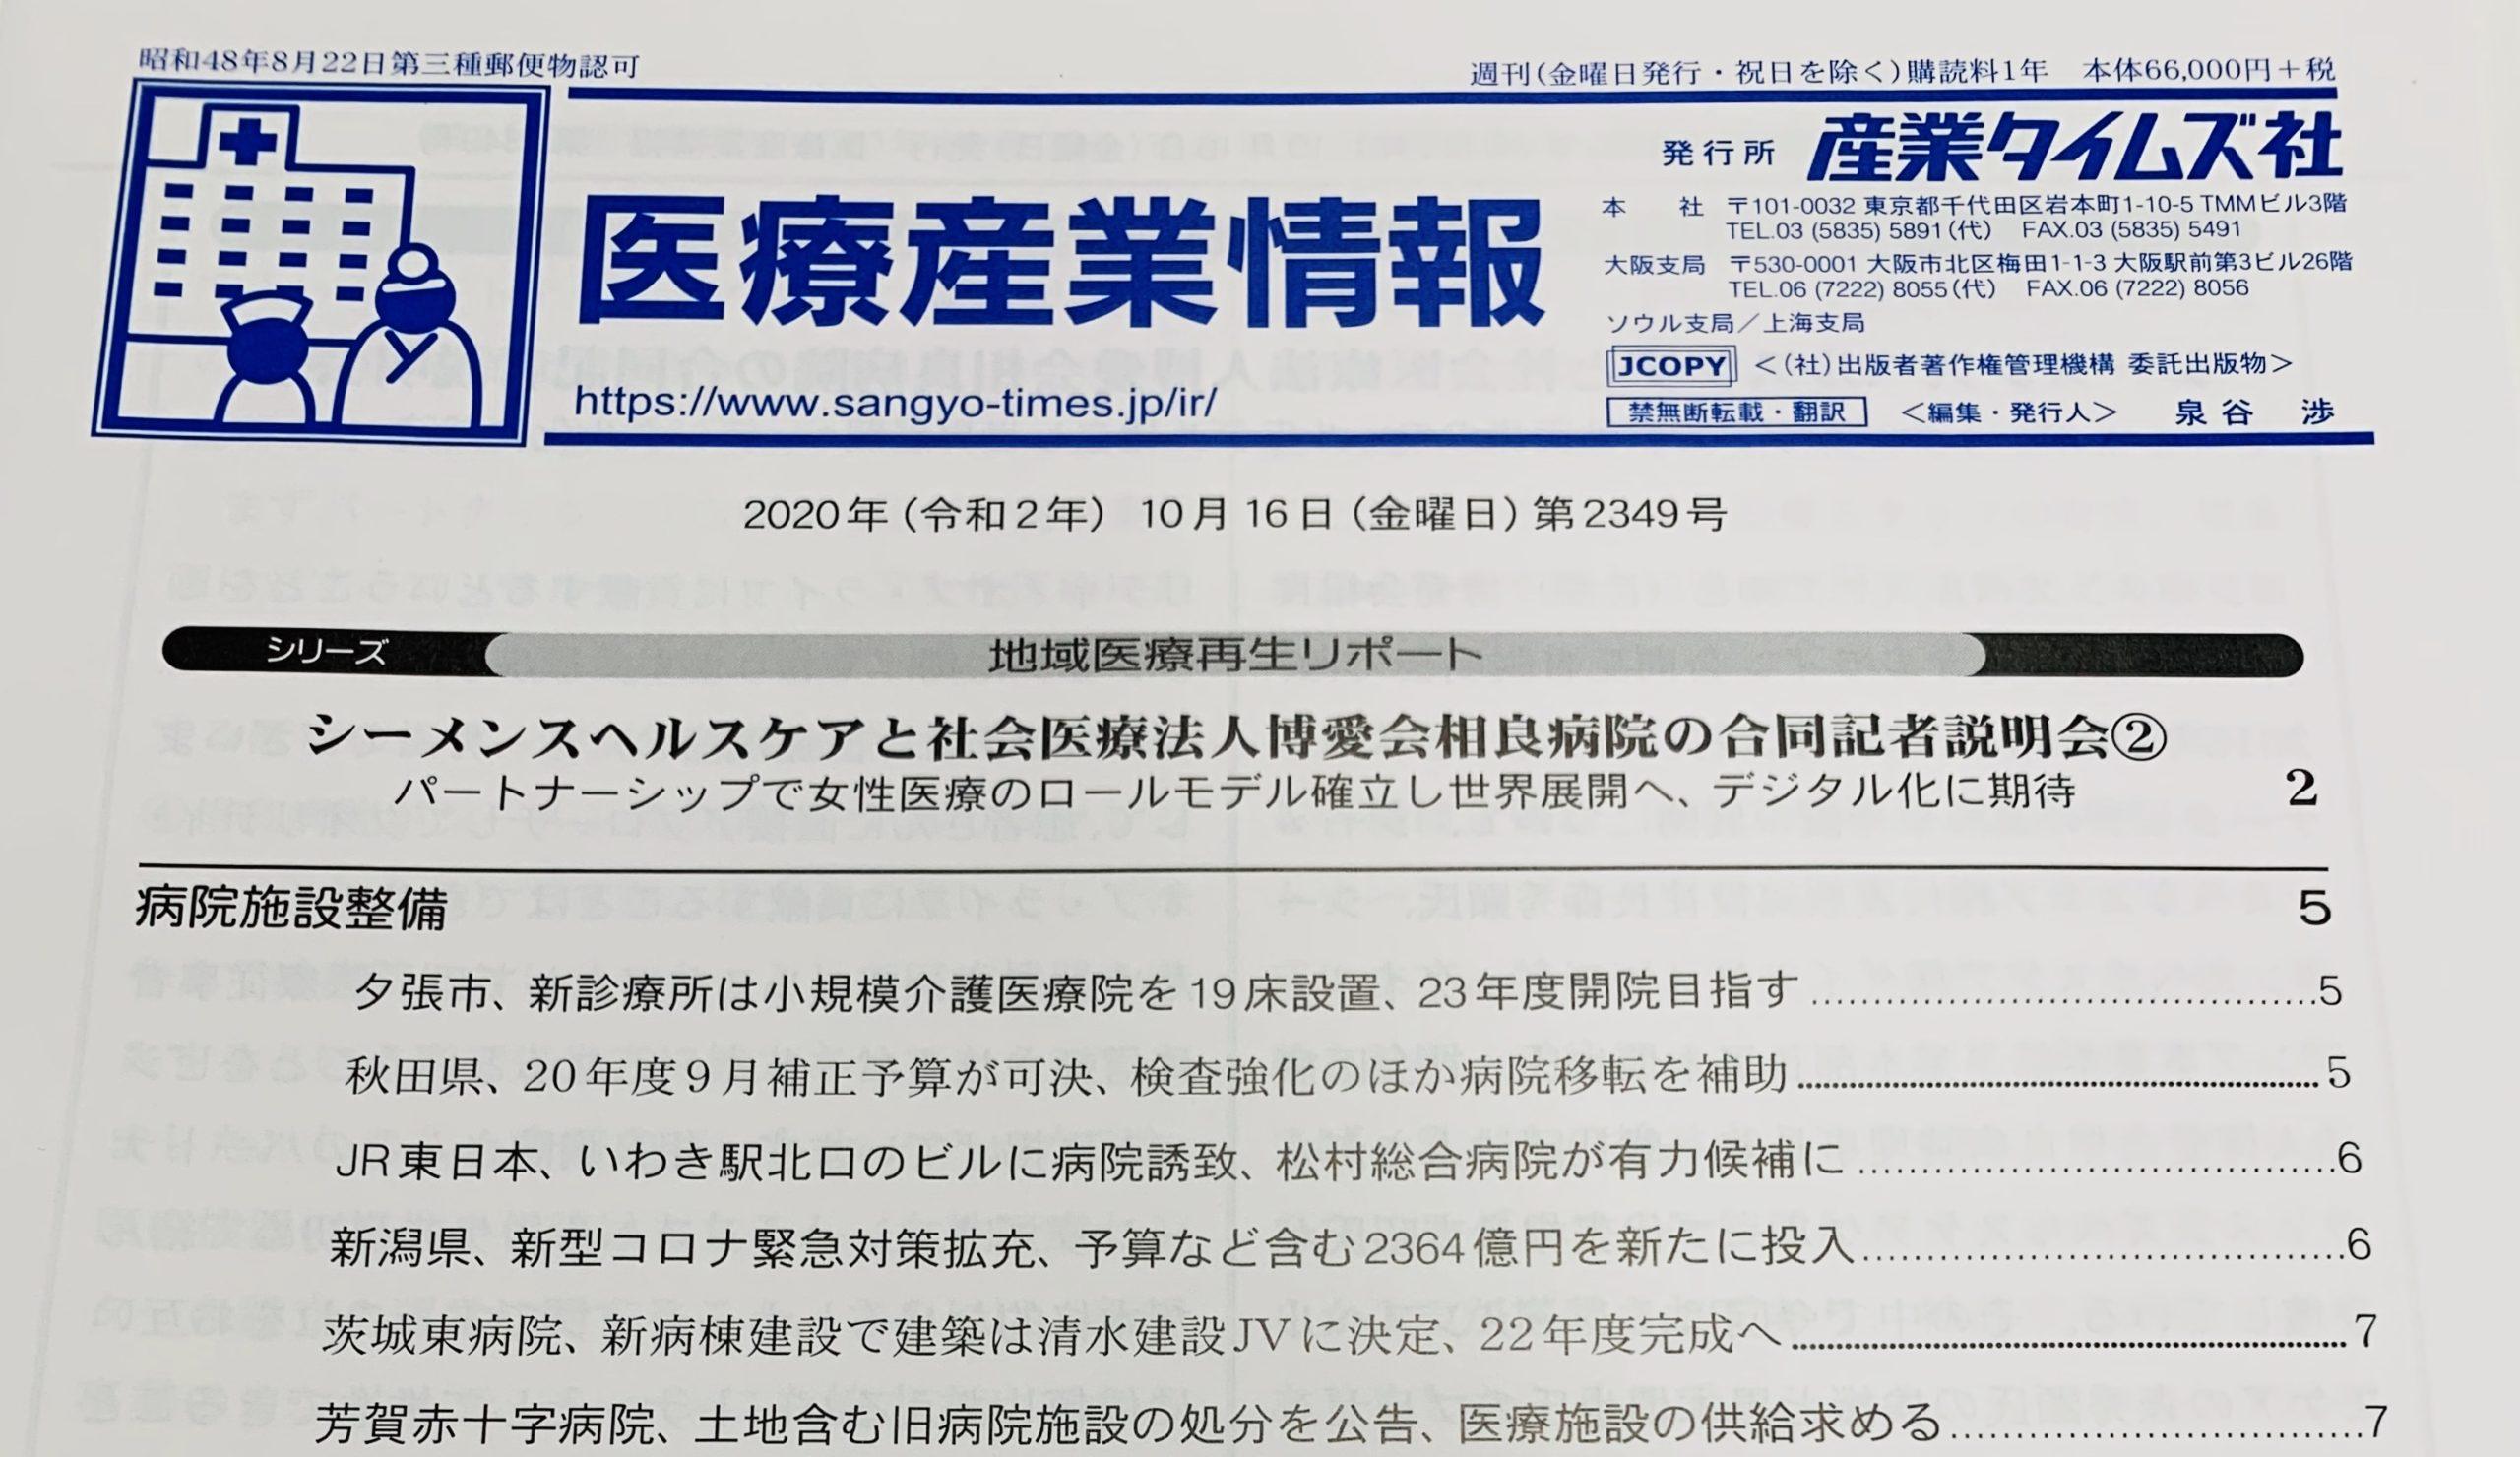 メディア紹介|医療産業情報|アシストベスト